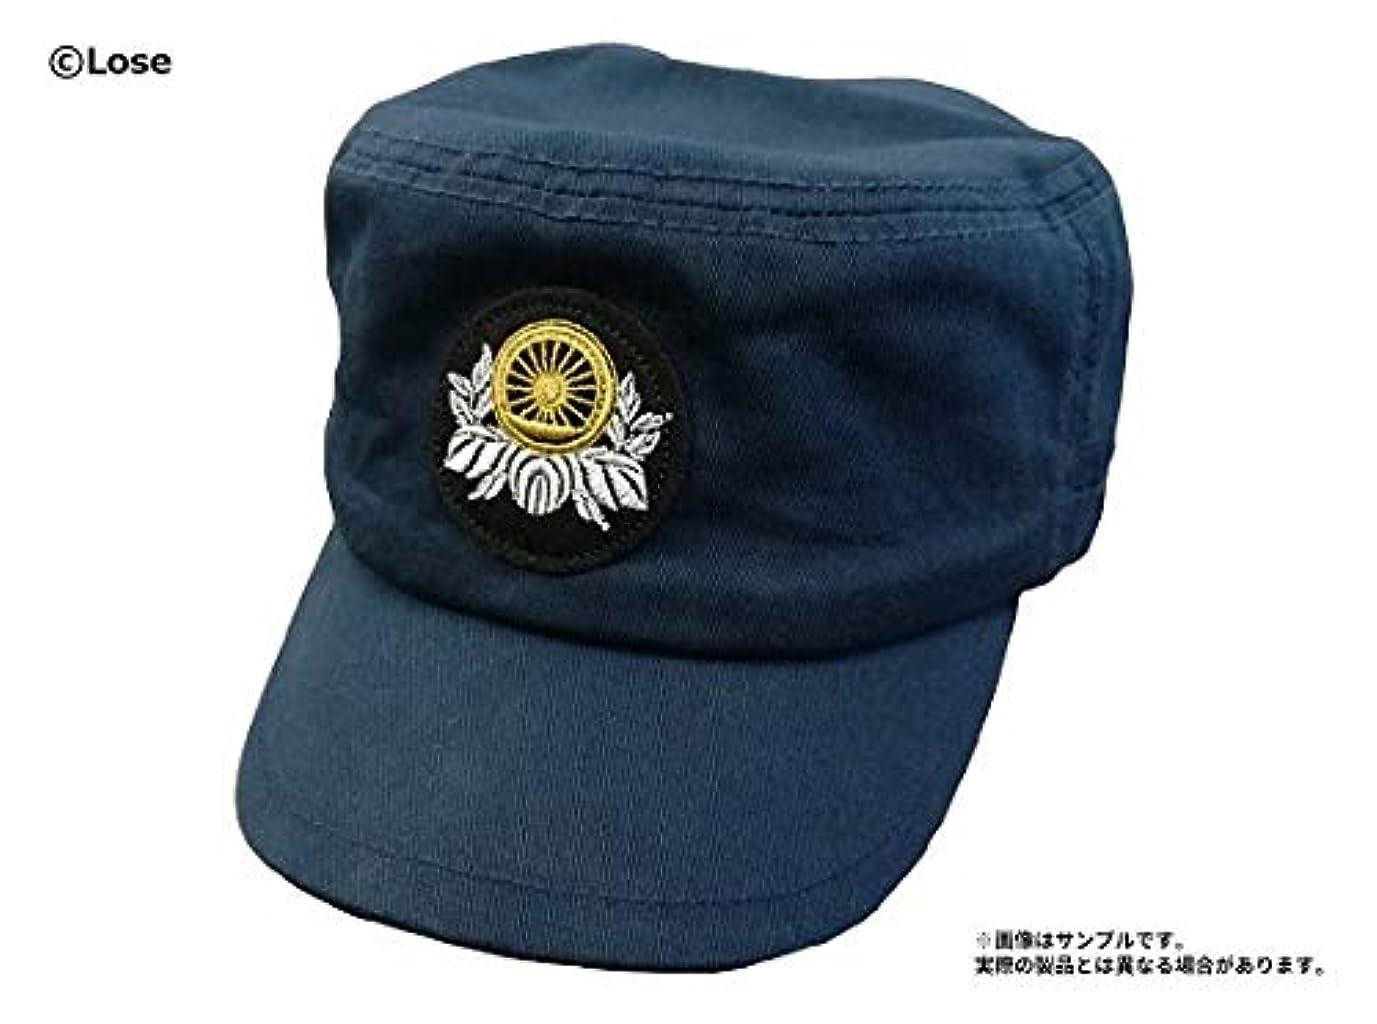 ラフ睡眠綺麗なパテまいてつ 旧帝鉄 制帽型ワークキャップ【再販版】【グッズ】